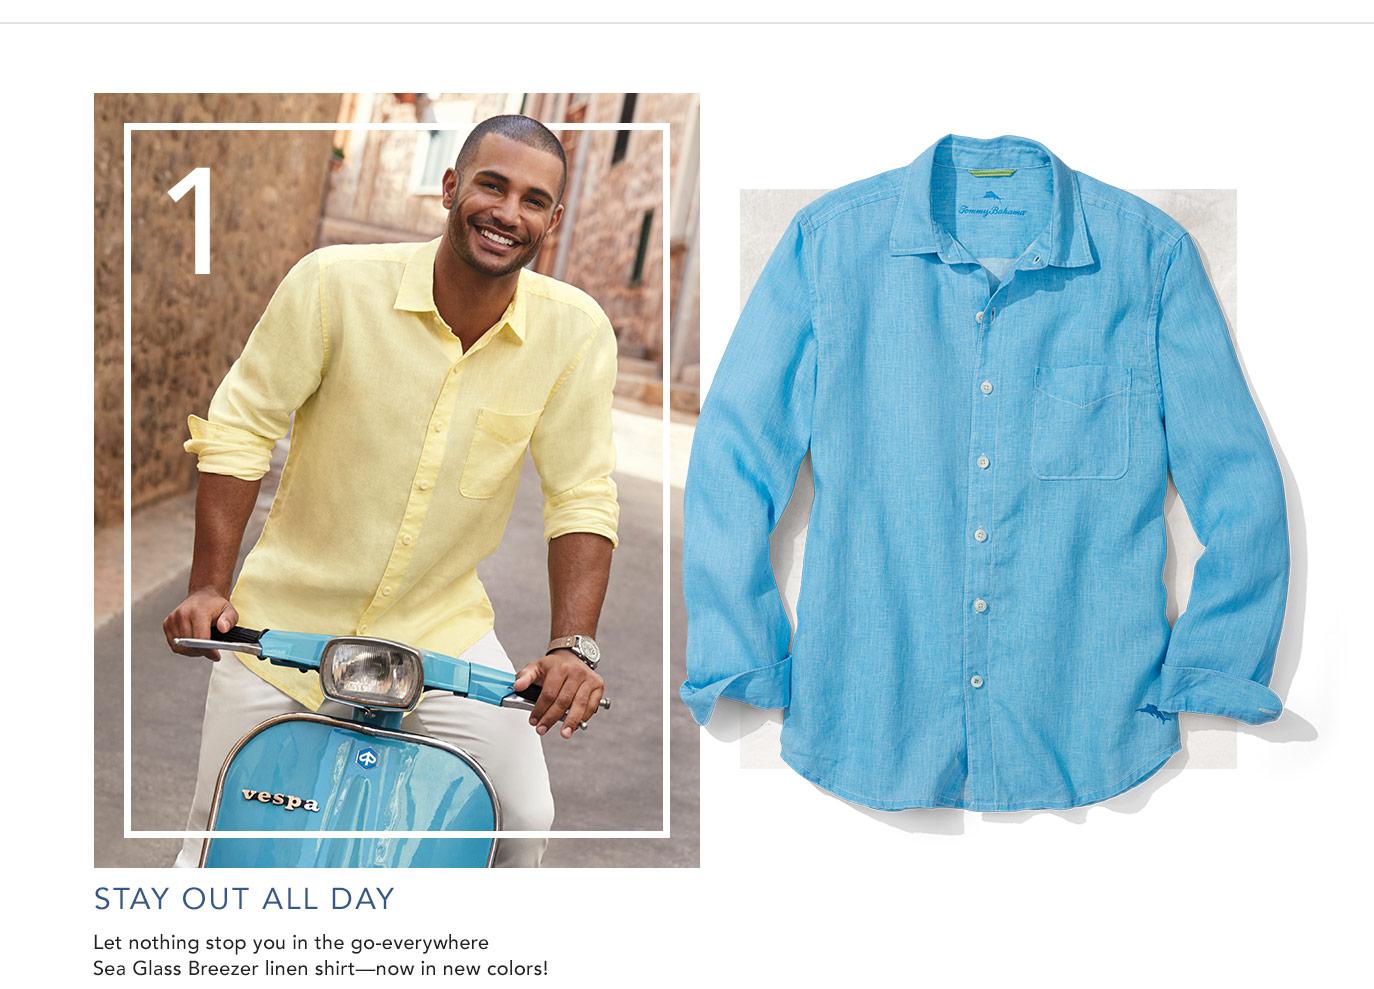 d86d316c13eba Sea Glass Breezer Linen Shirt